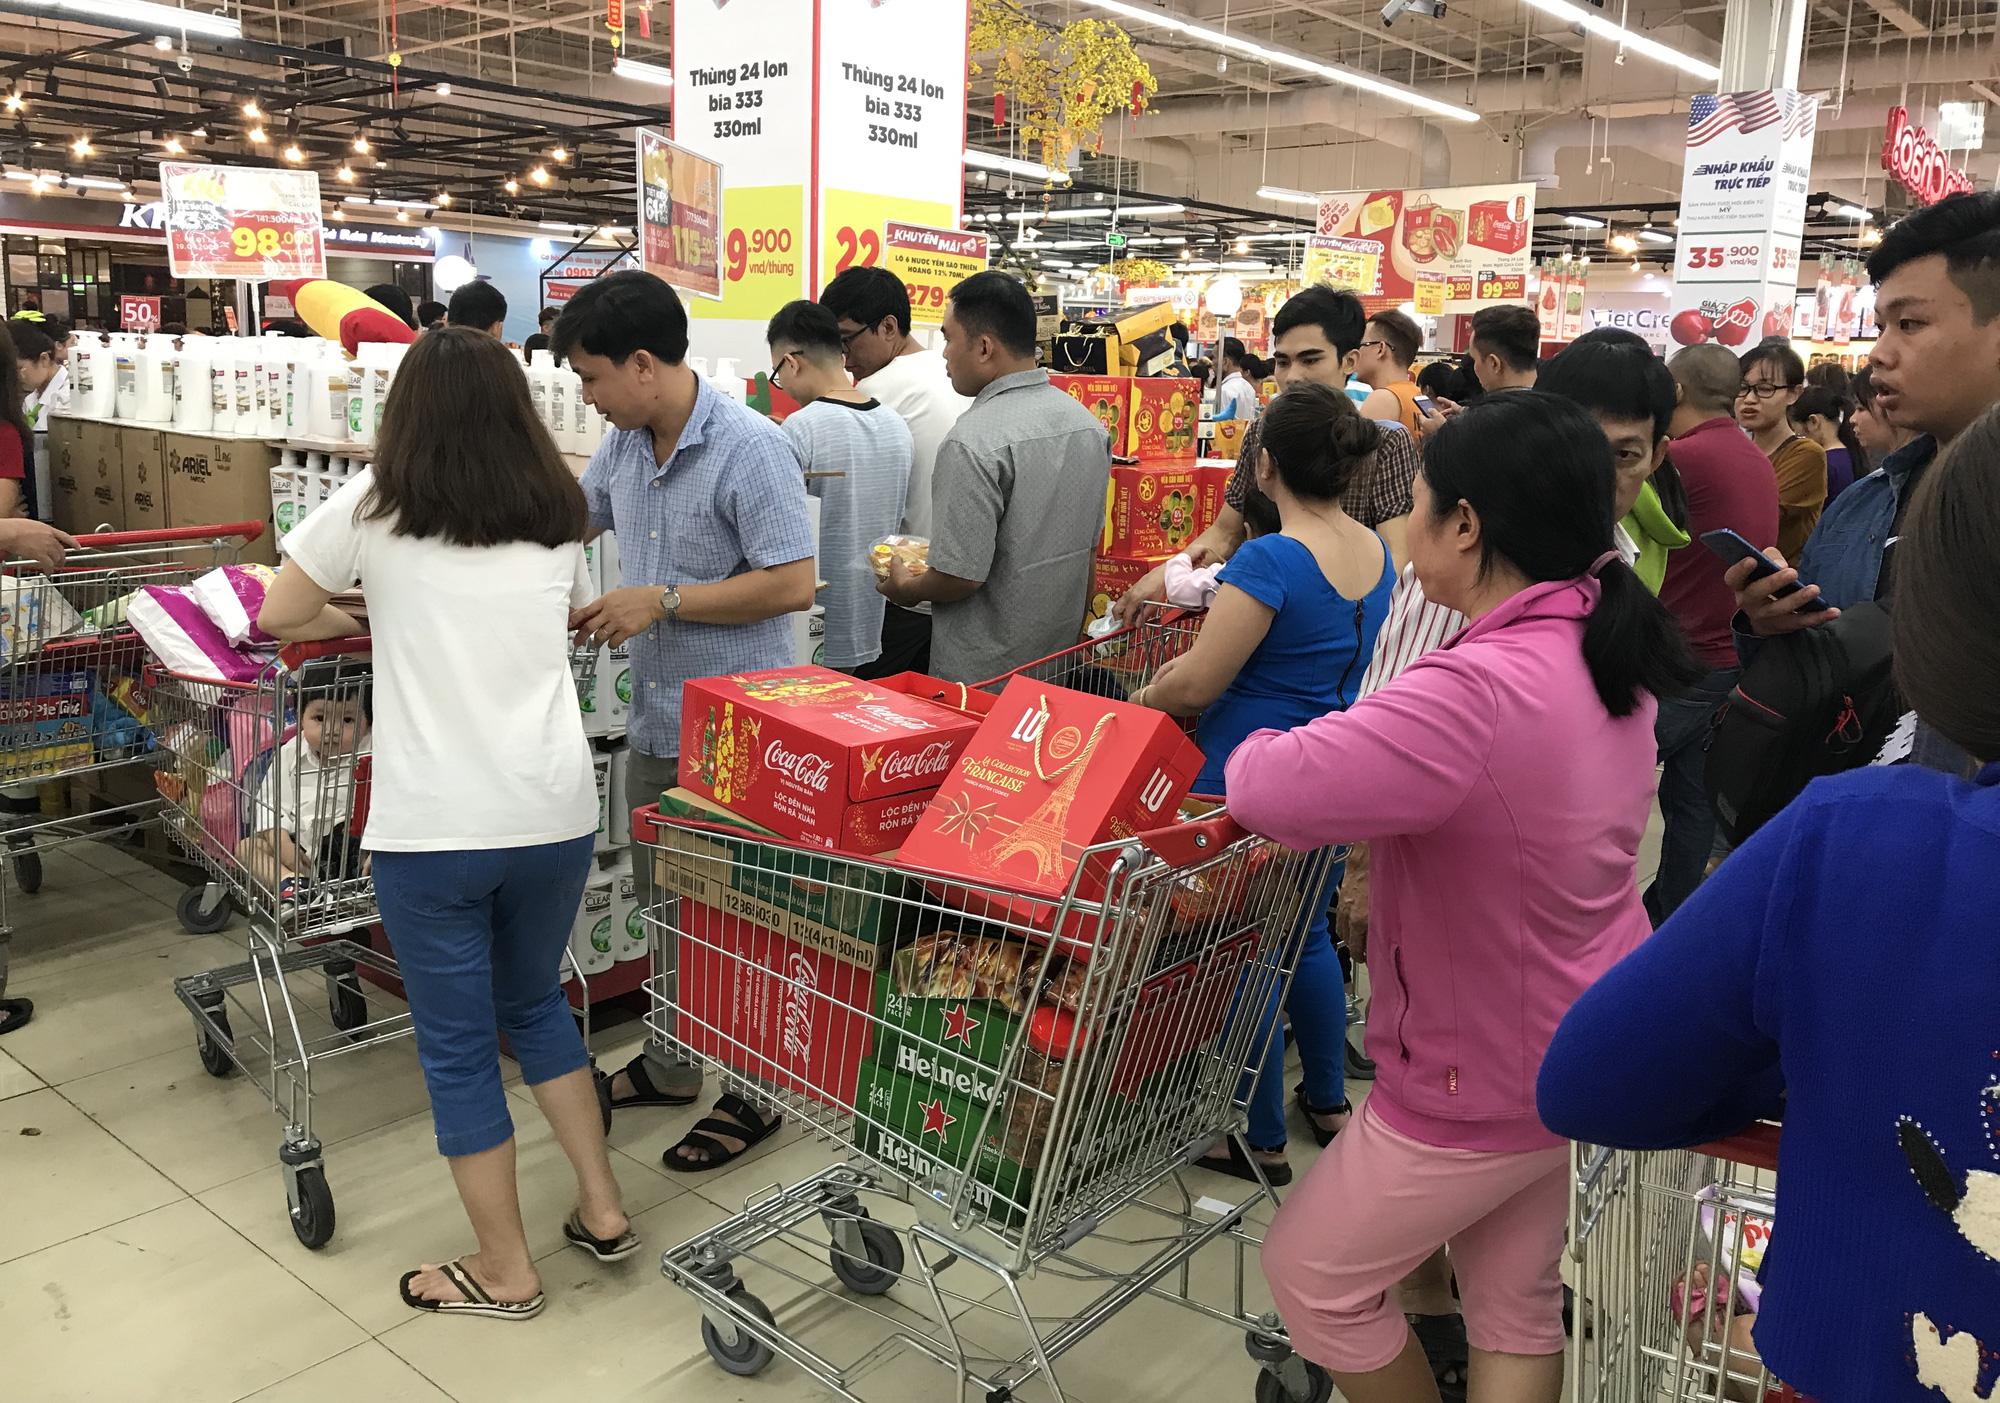 Người Sài Gòn vét sạch siêu thị trước Tết, người lớn xếp hàng chờ cả tiếng, trẻ con mệt mỏi vật vờ - Ảnh 13.